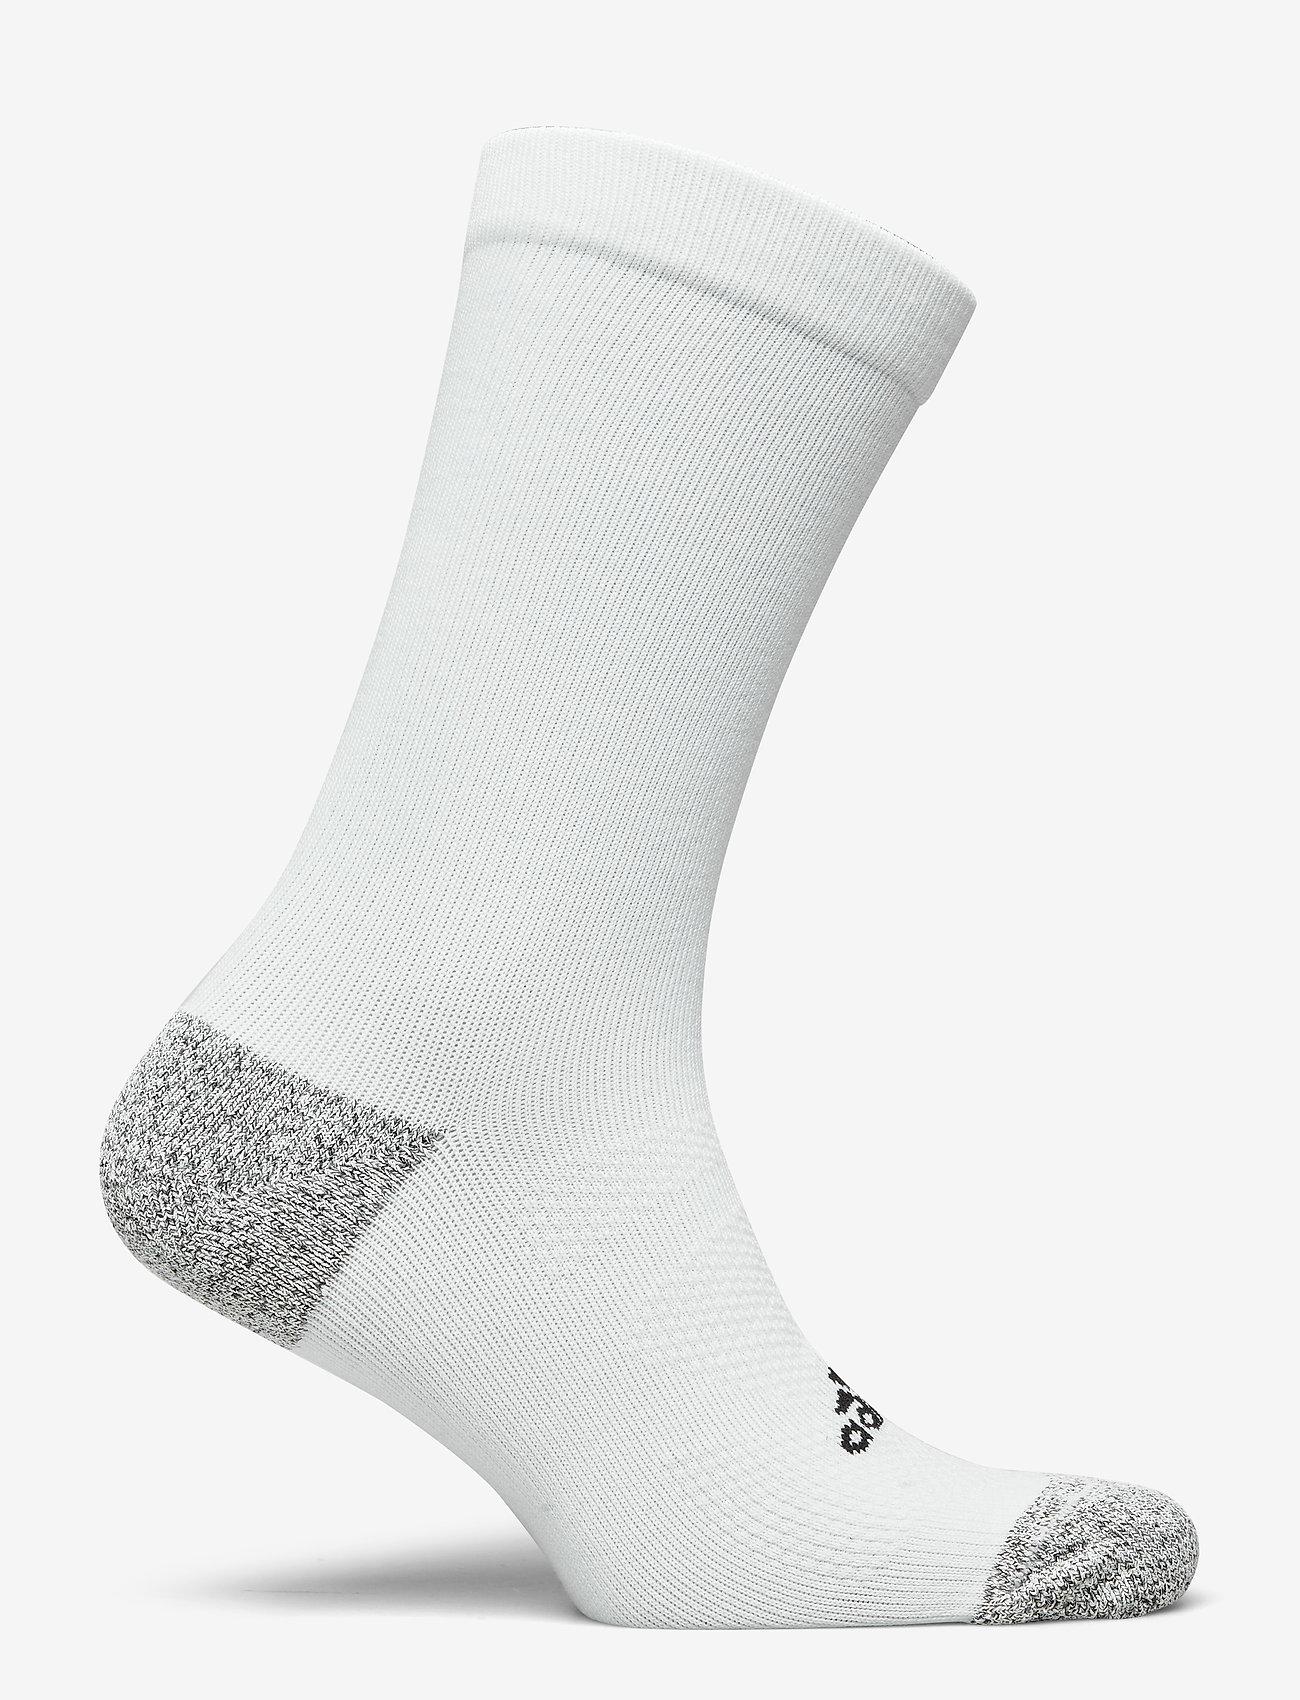 adidas Golf - TOUR CREW - sokker - white/black - 1